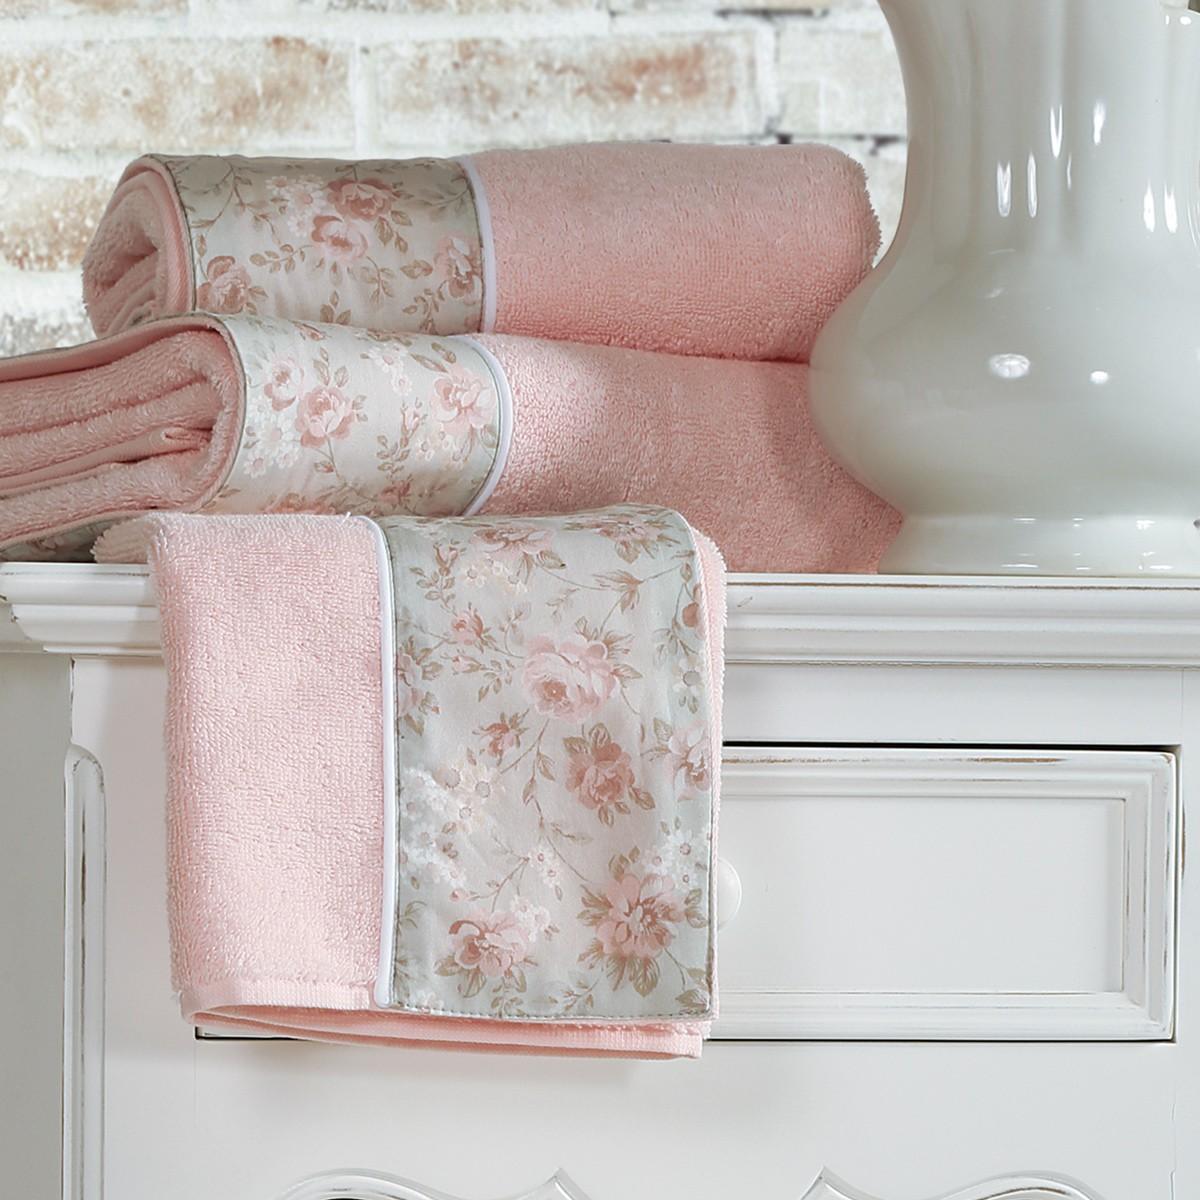 Πετσέτα Σώματος (70x140) Nef-Nef Rosseto home   μπάνιο   πετσέτες μπάνιου